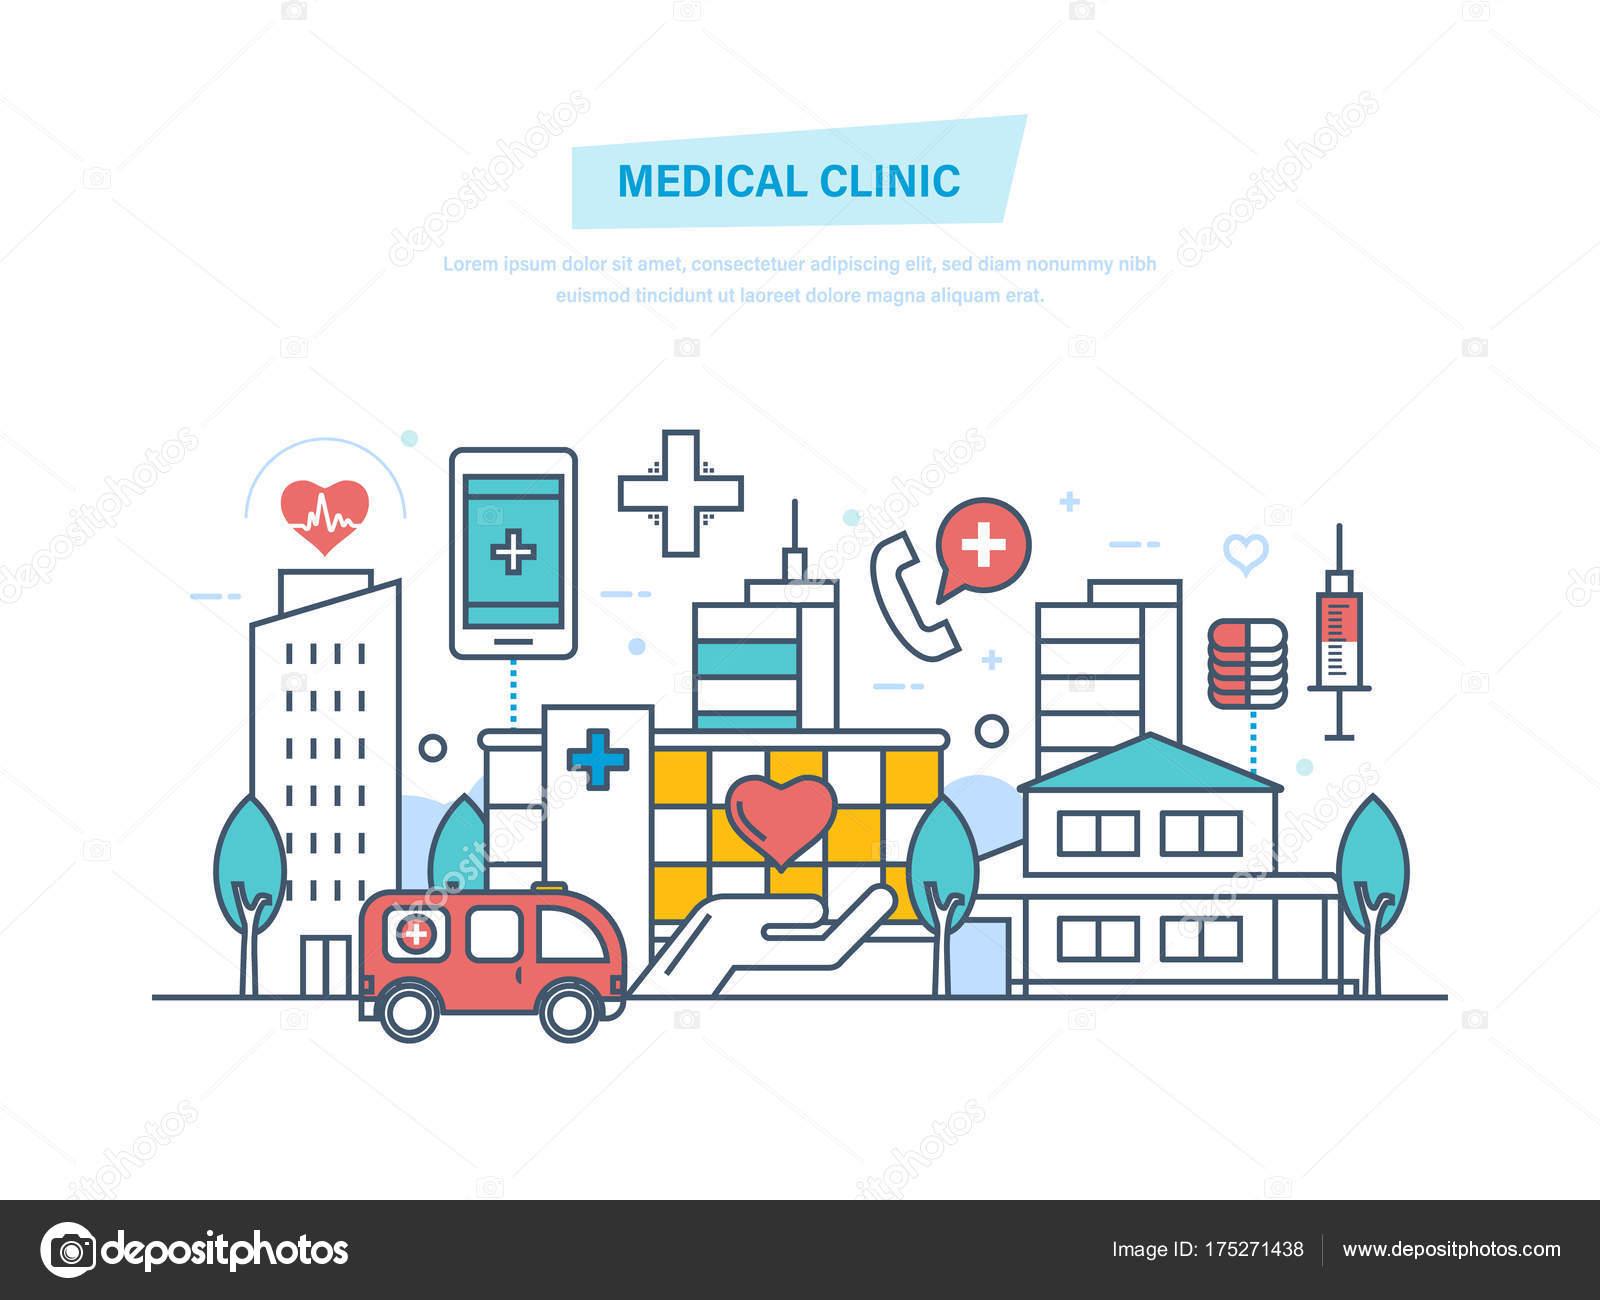 Clnica mdica edificio hospital de la ciudad sistema de salud y clnica mdica edificio hospital de la ciudad sistema de salud y centro mdico malvernweather Images